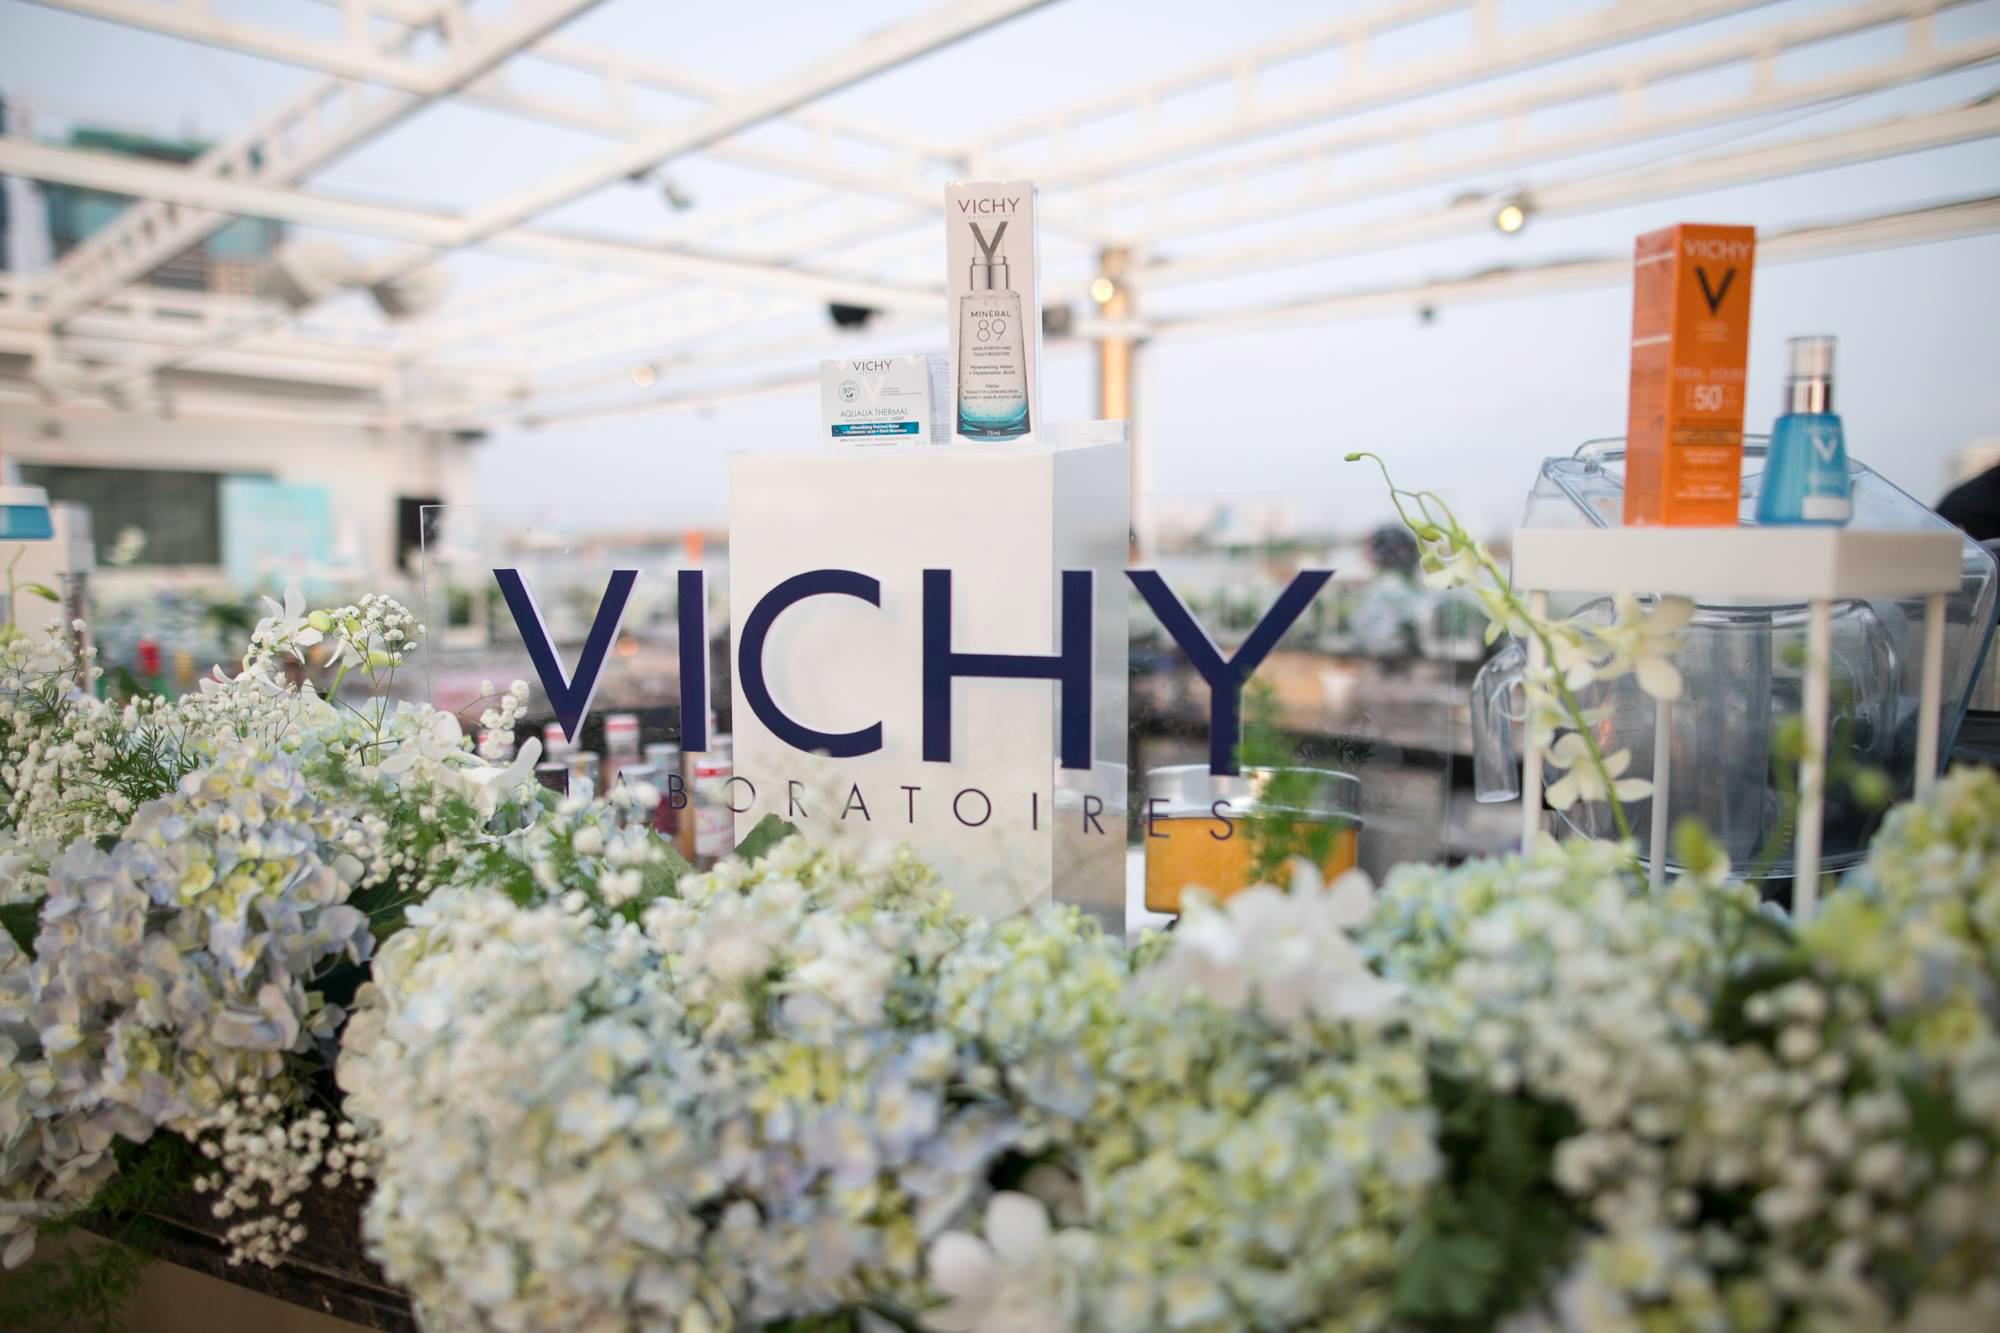 """Cơ hội để sở hữu loạt """"best-seller"""" của Vichy với mức giảm khủng đến 50%++, hội sành làm đẹp đã biết chưa? - Ảnh 1."""